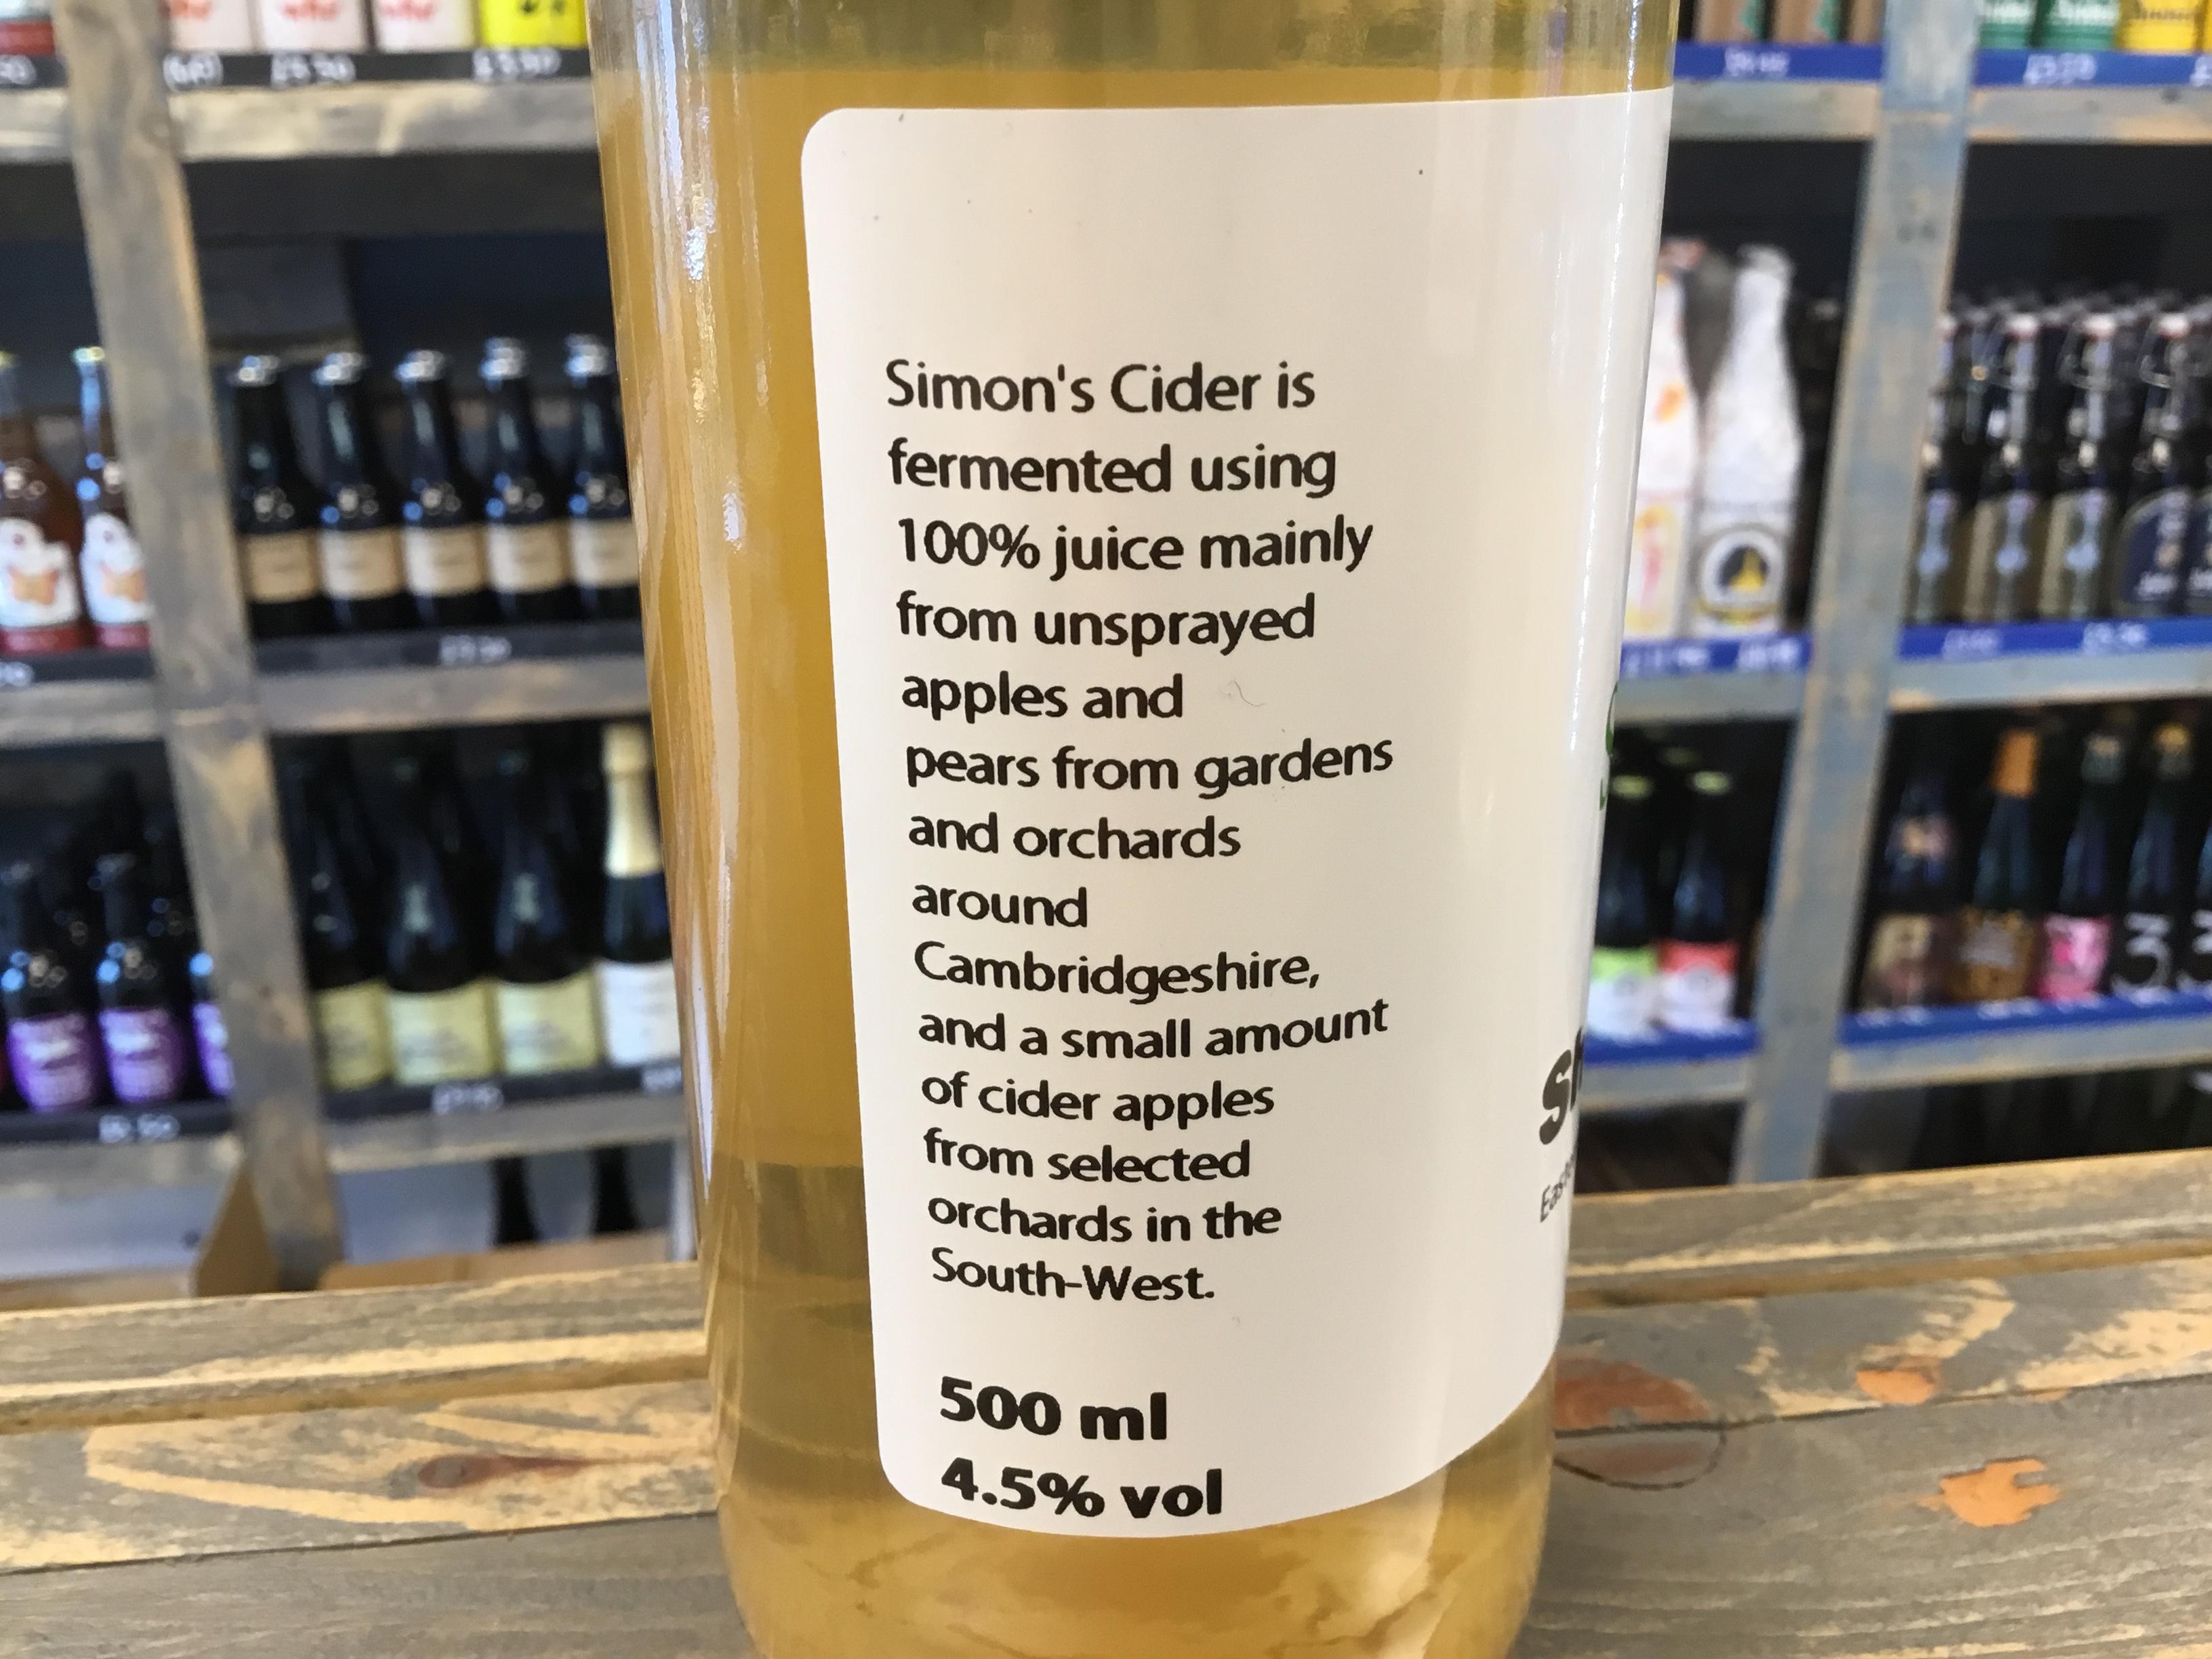 Short Stirling 4.5% 500ml Simon's Cider